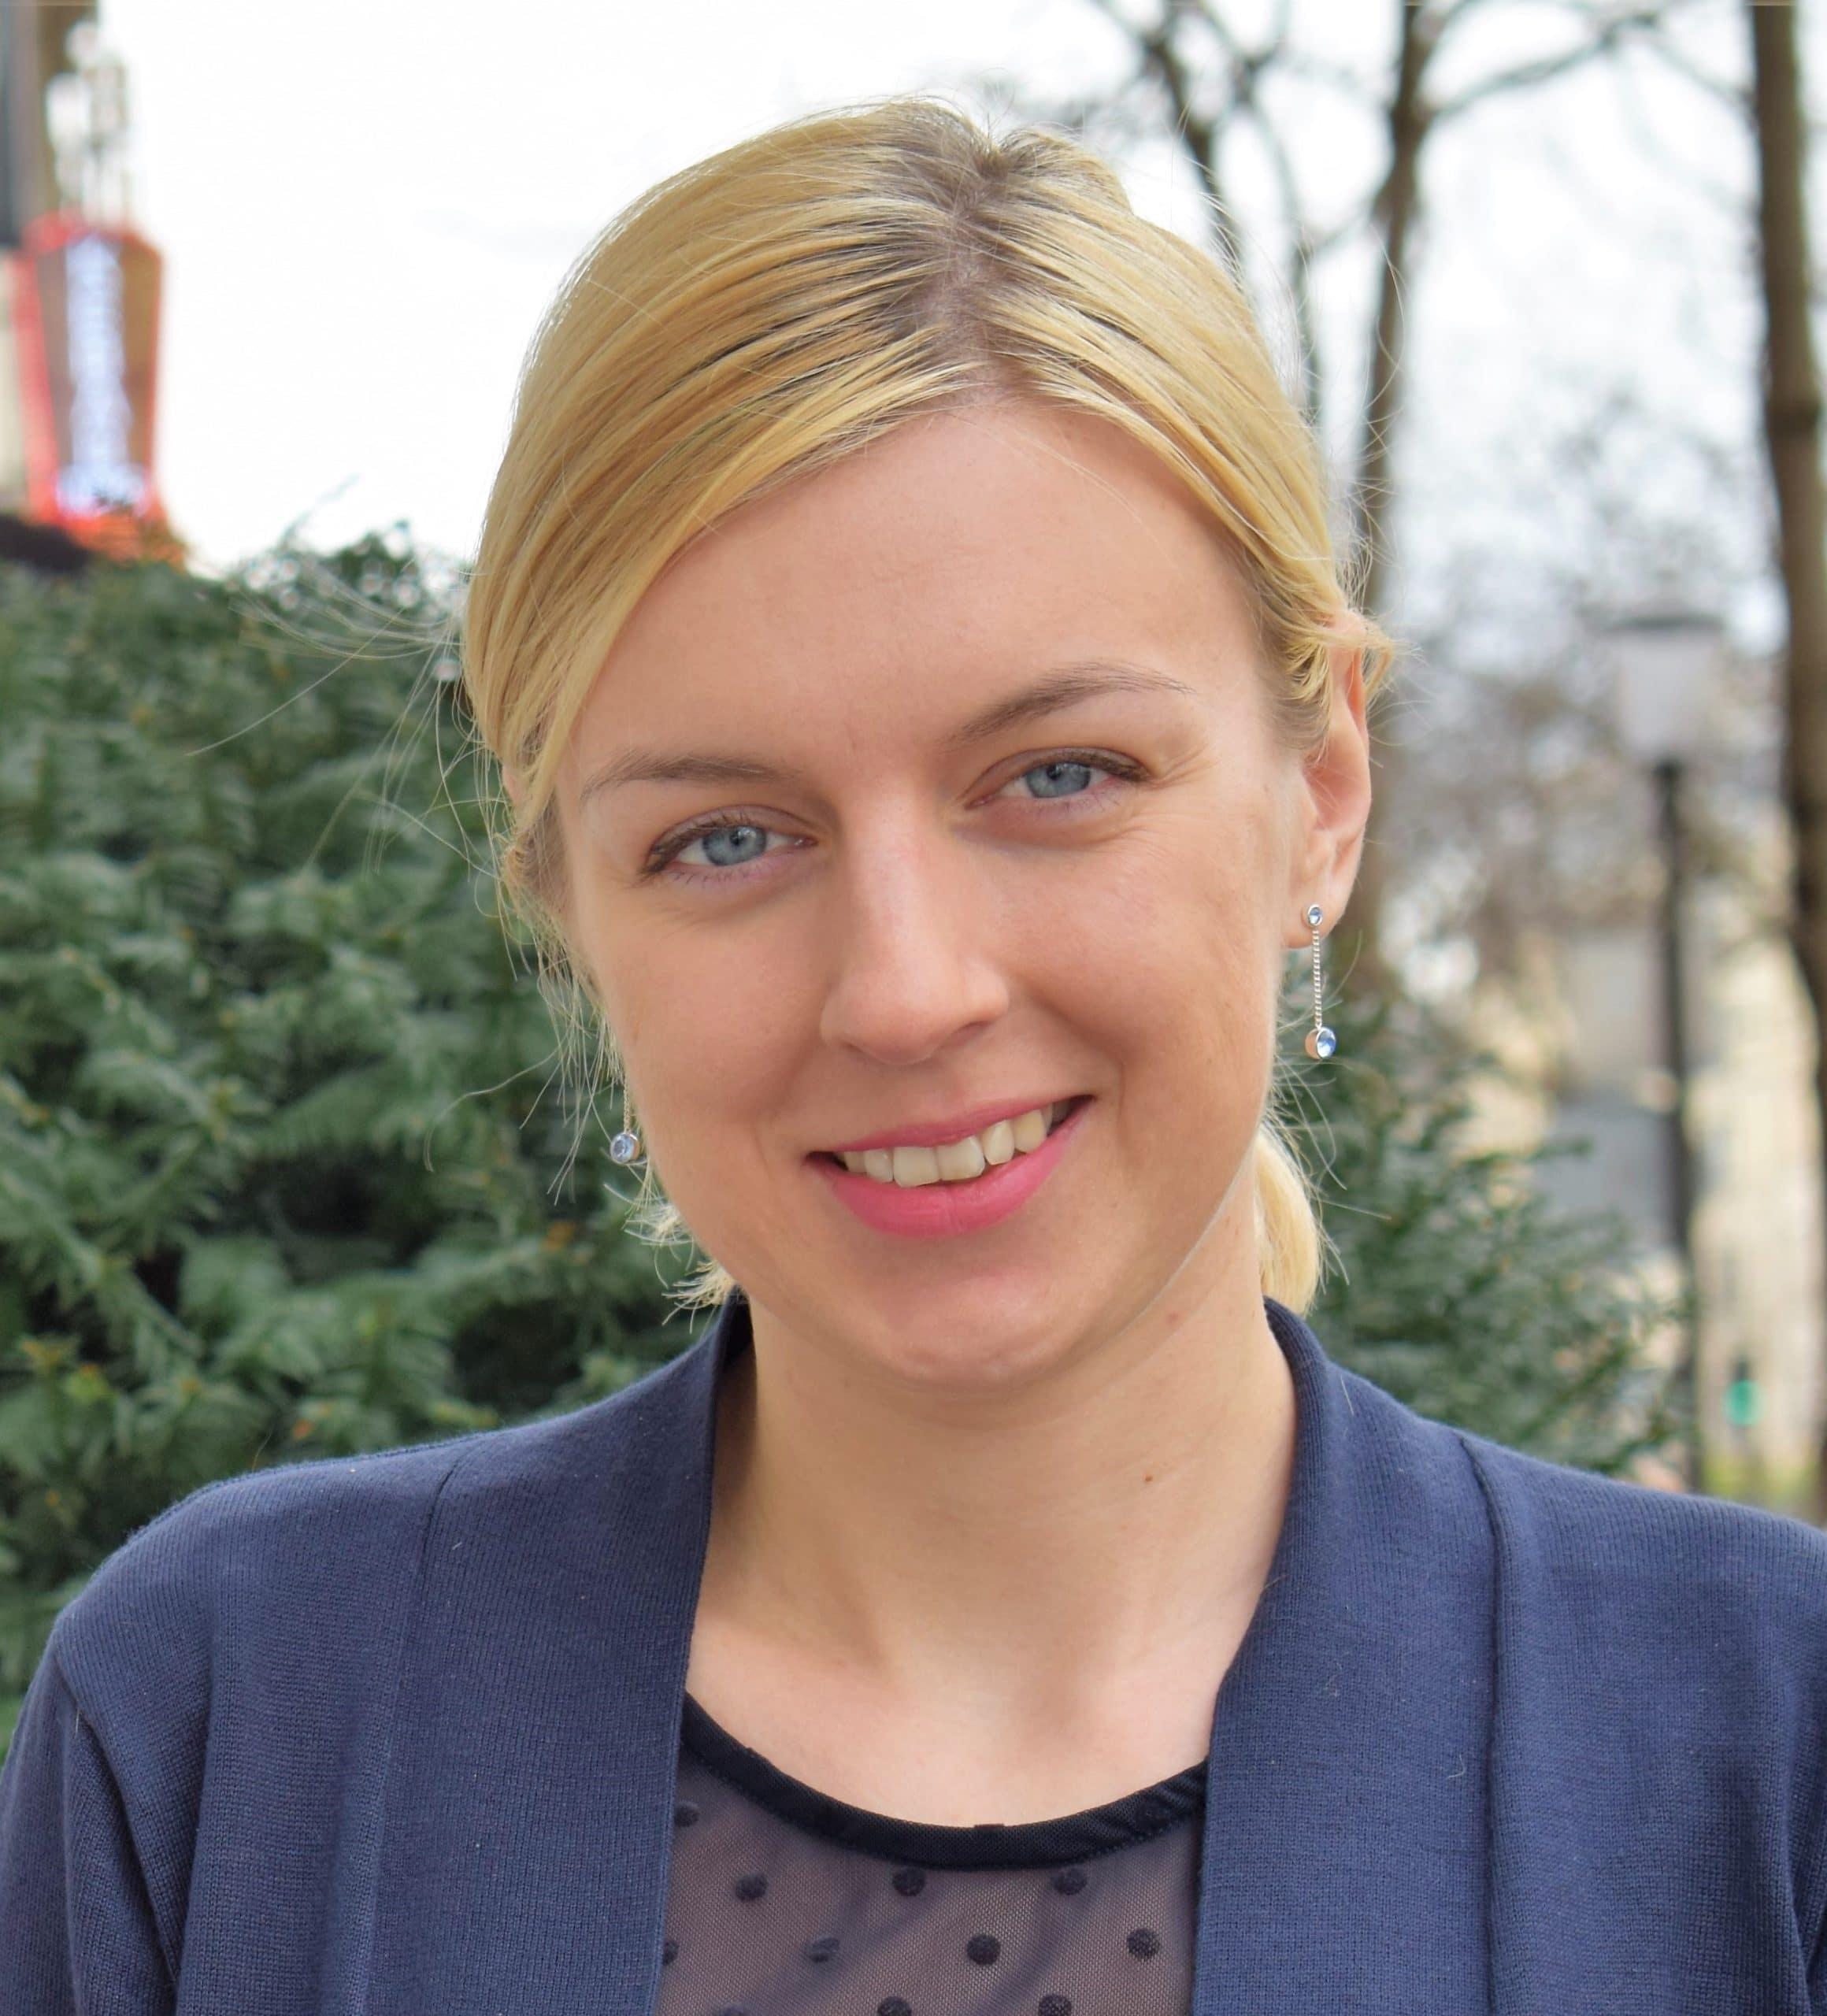 marlena Kiszycka